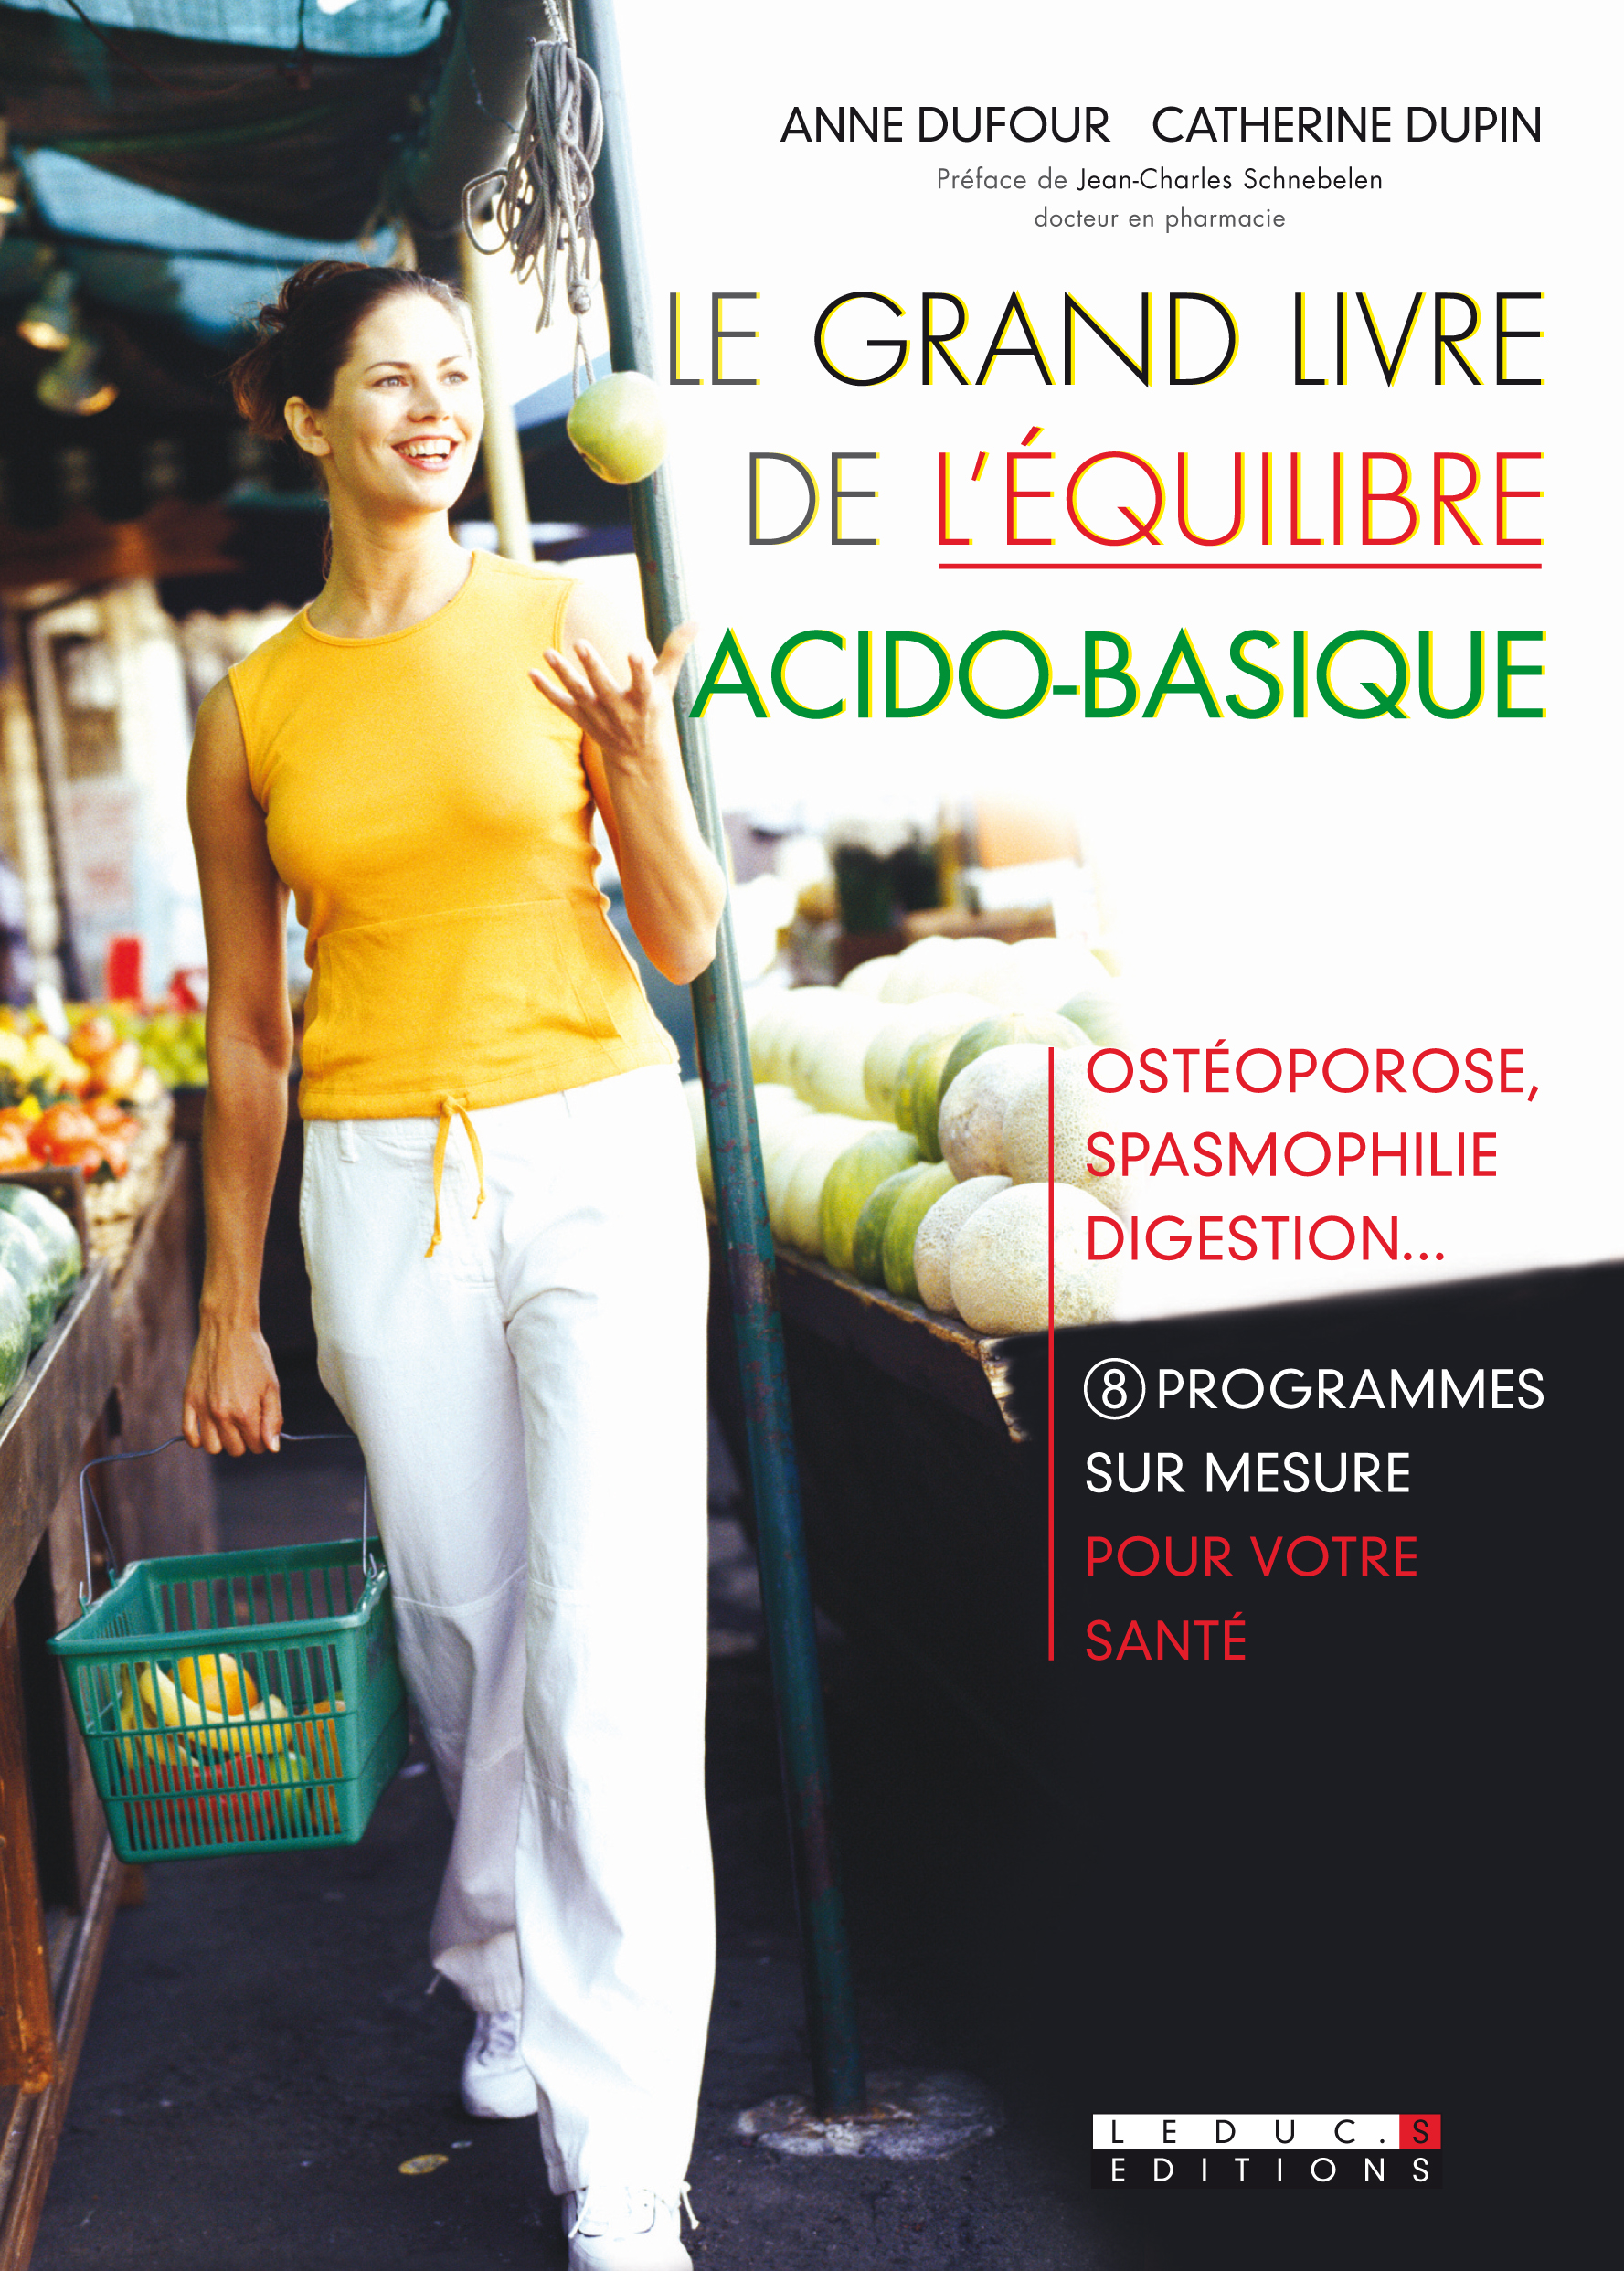 Vignette du livre Le grand livre de l'équilibre acido-basique: ostéoporose, spasmop